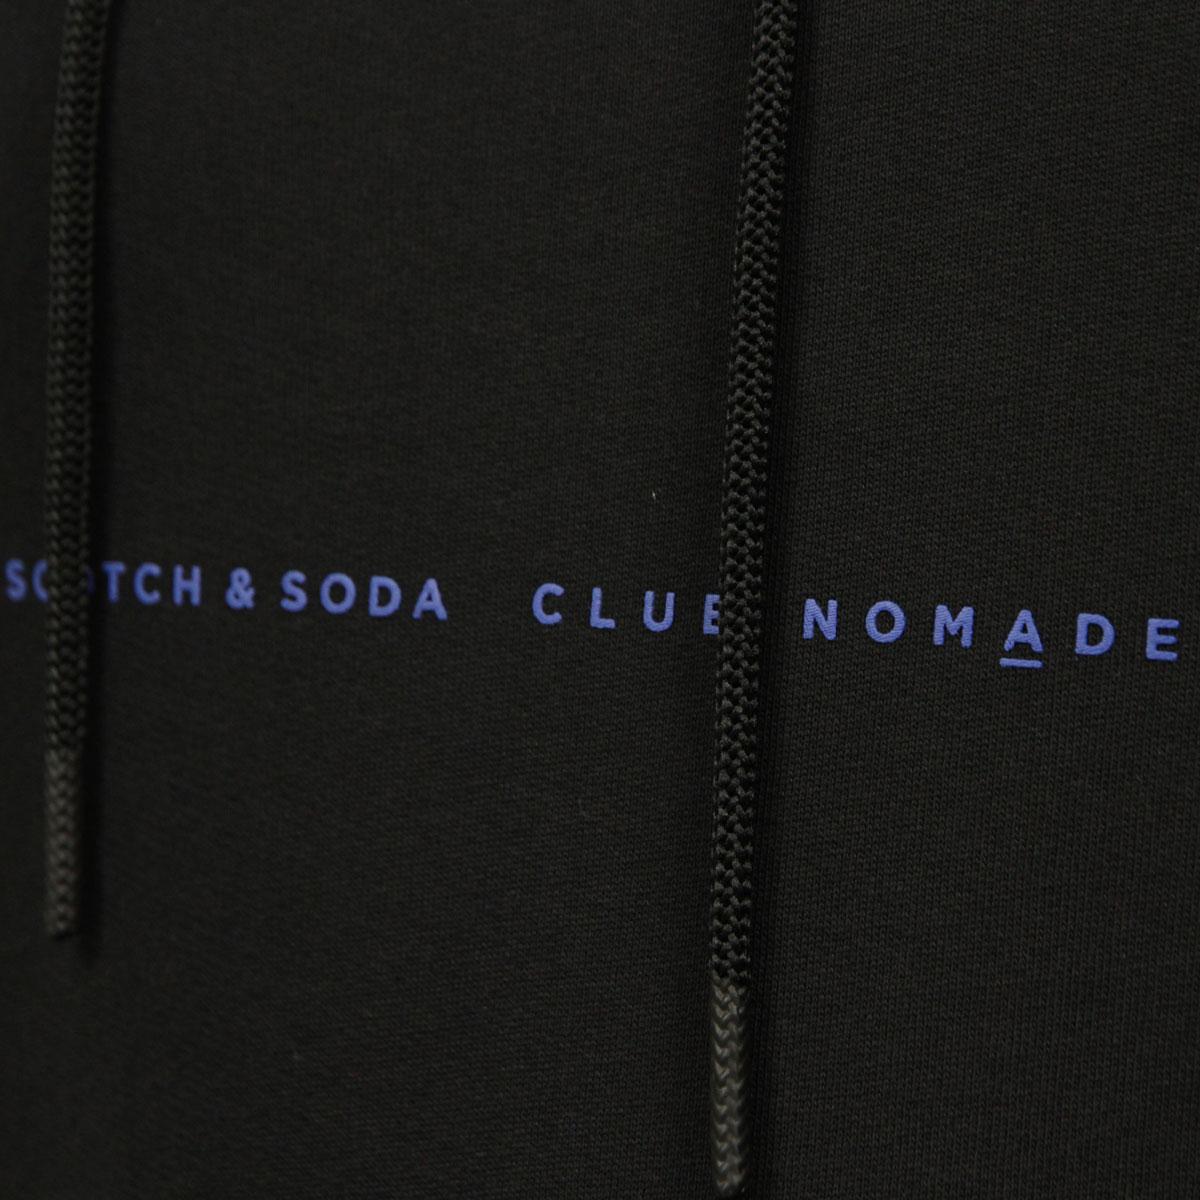 スコッチアンドソーダ パーカー メンズ 正規販売店 SCOTCH&SODA プルオーバーパーカー CLUB NOMADE SIGNATURE HOODY BLACK 150516 83810 08 D A39B B1C C1D D5E E13F